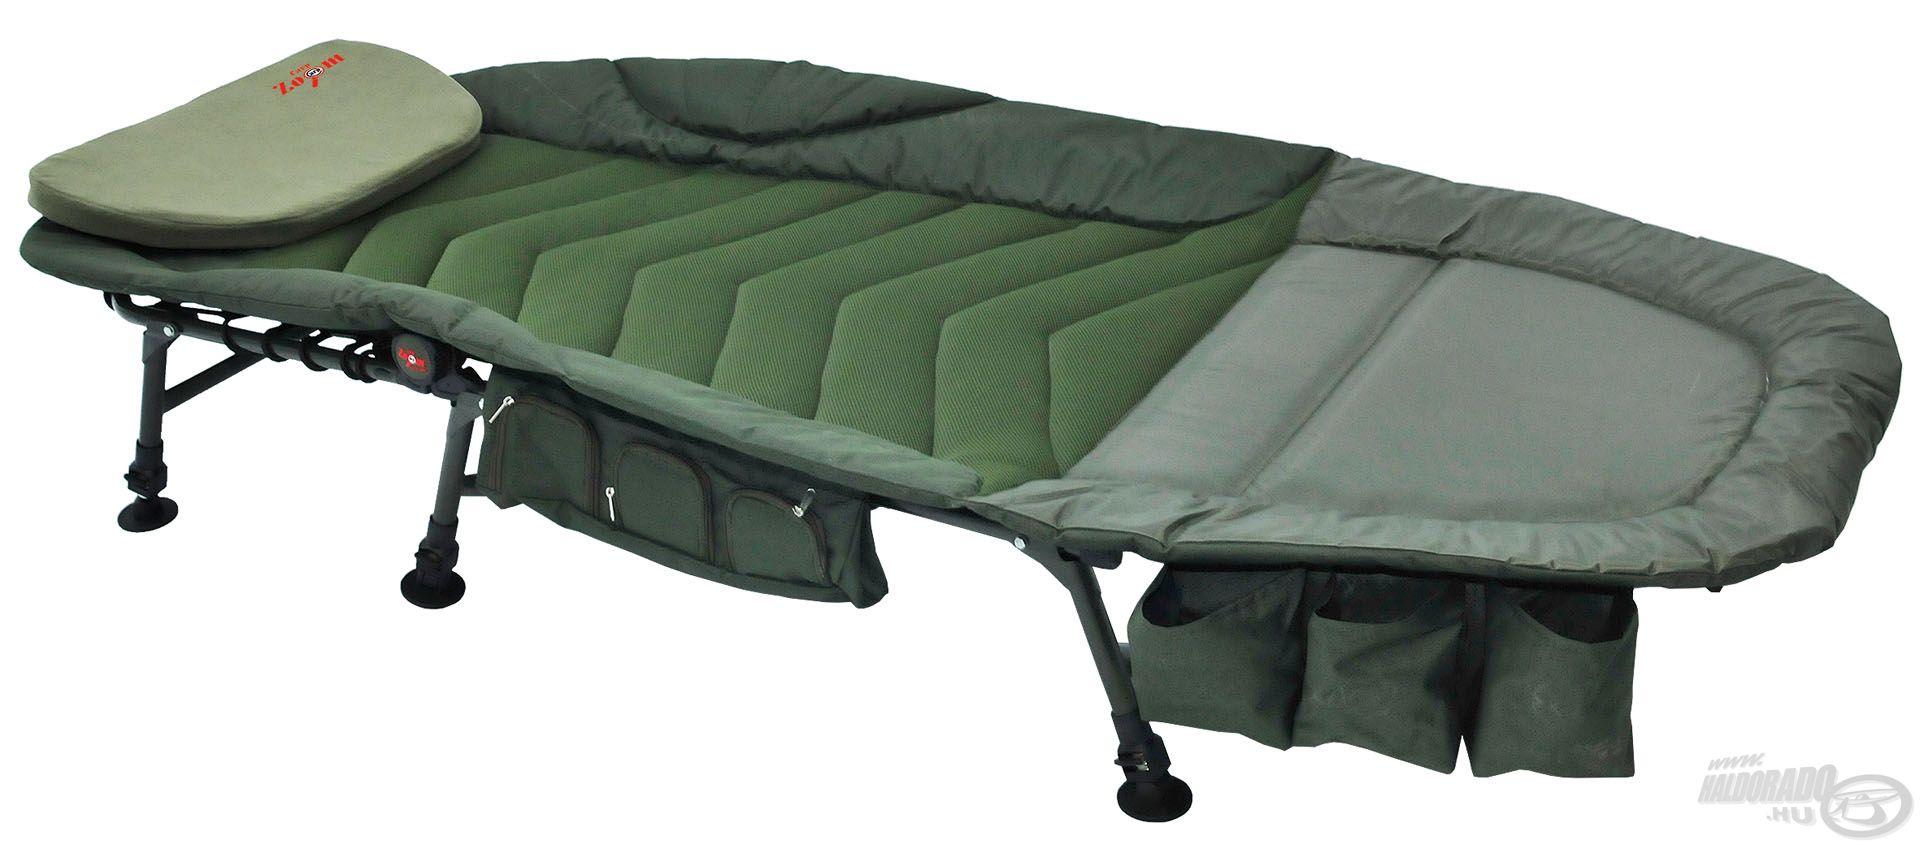 Az egyedi tervezésű Exclusive Pontyozó ágy számos hasznos tulajdonsággal rendelkezik, ráadásul igazán teherbíró is